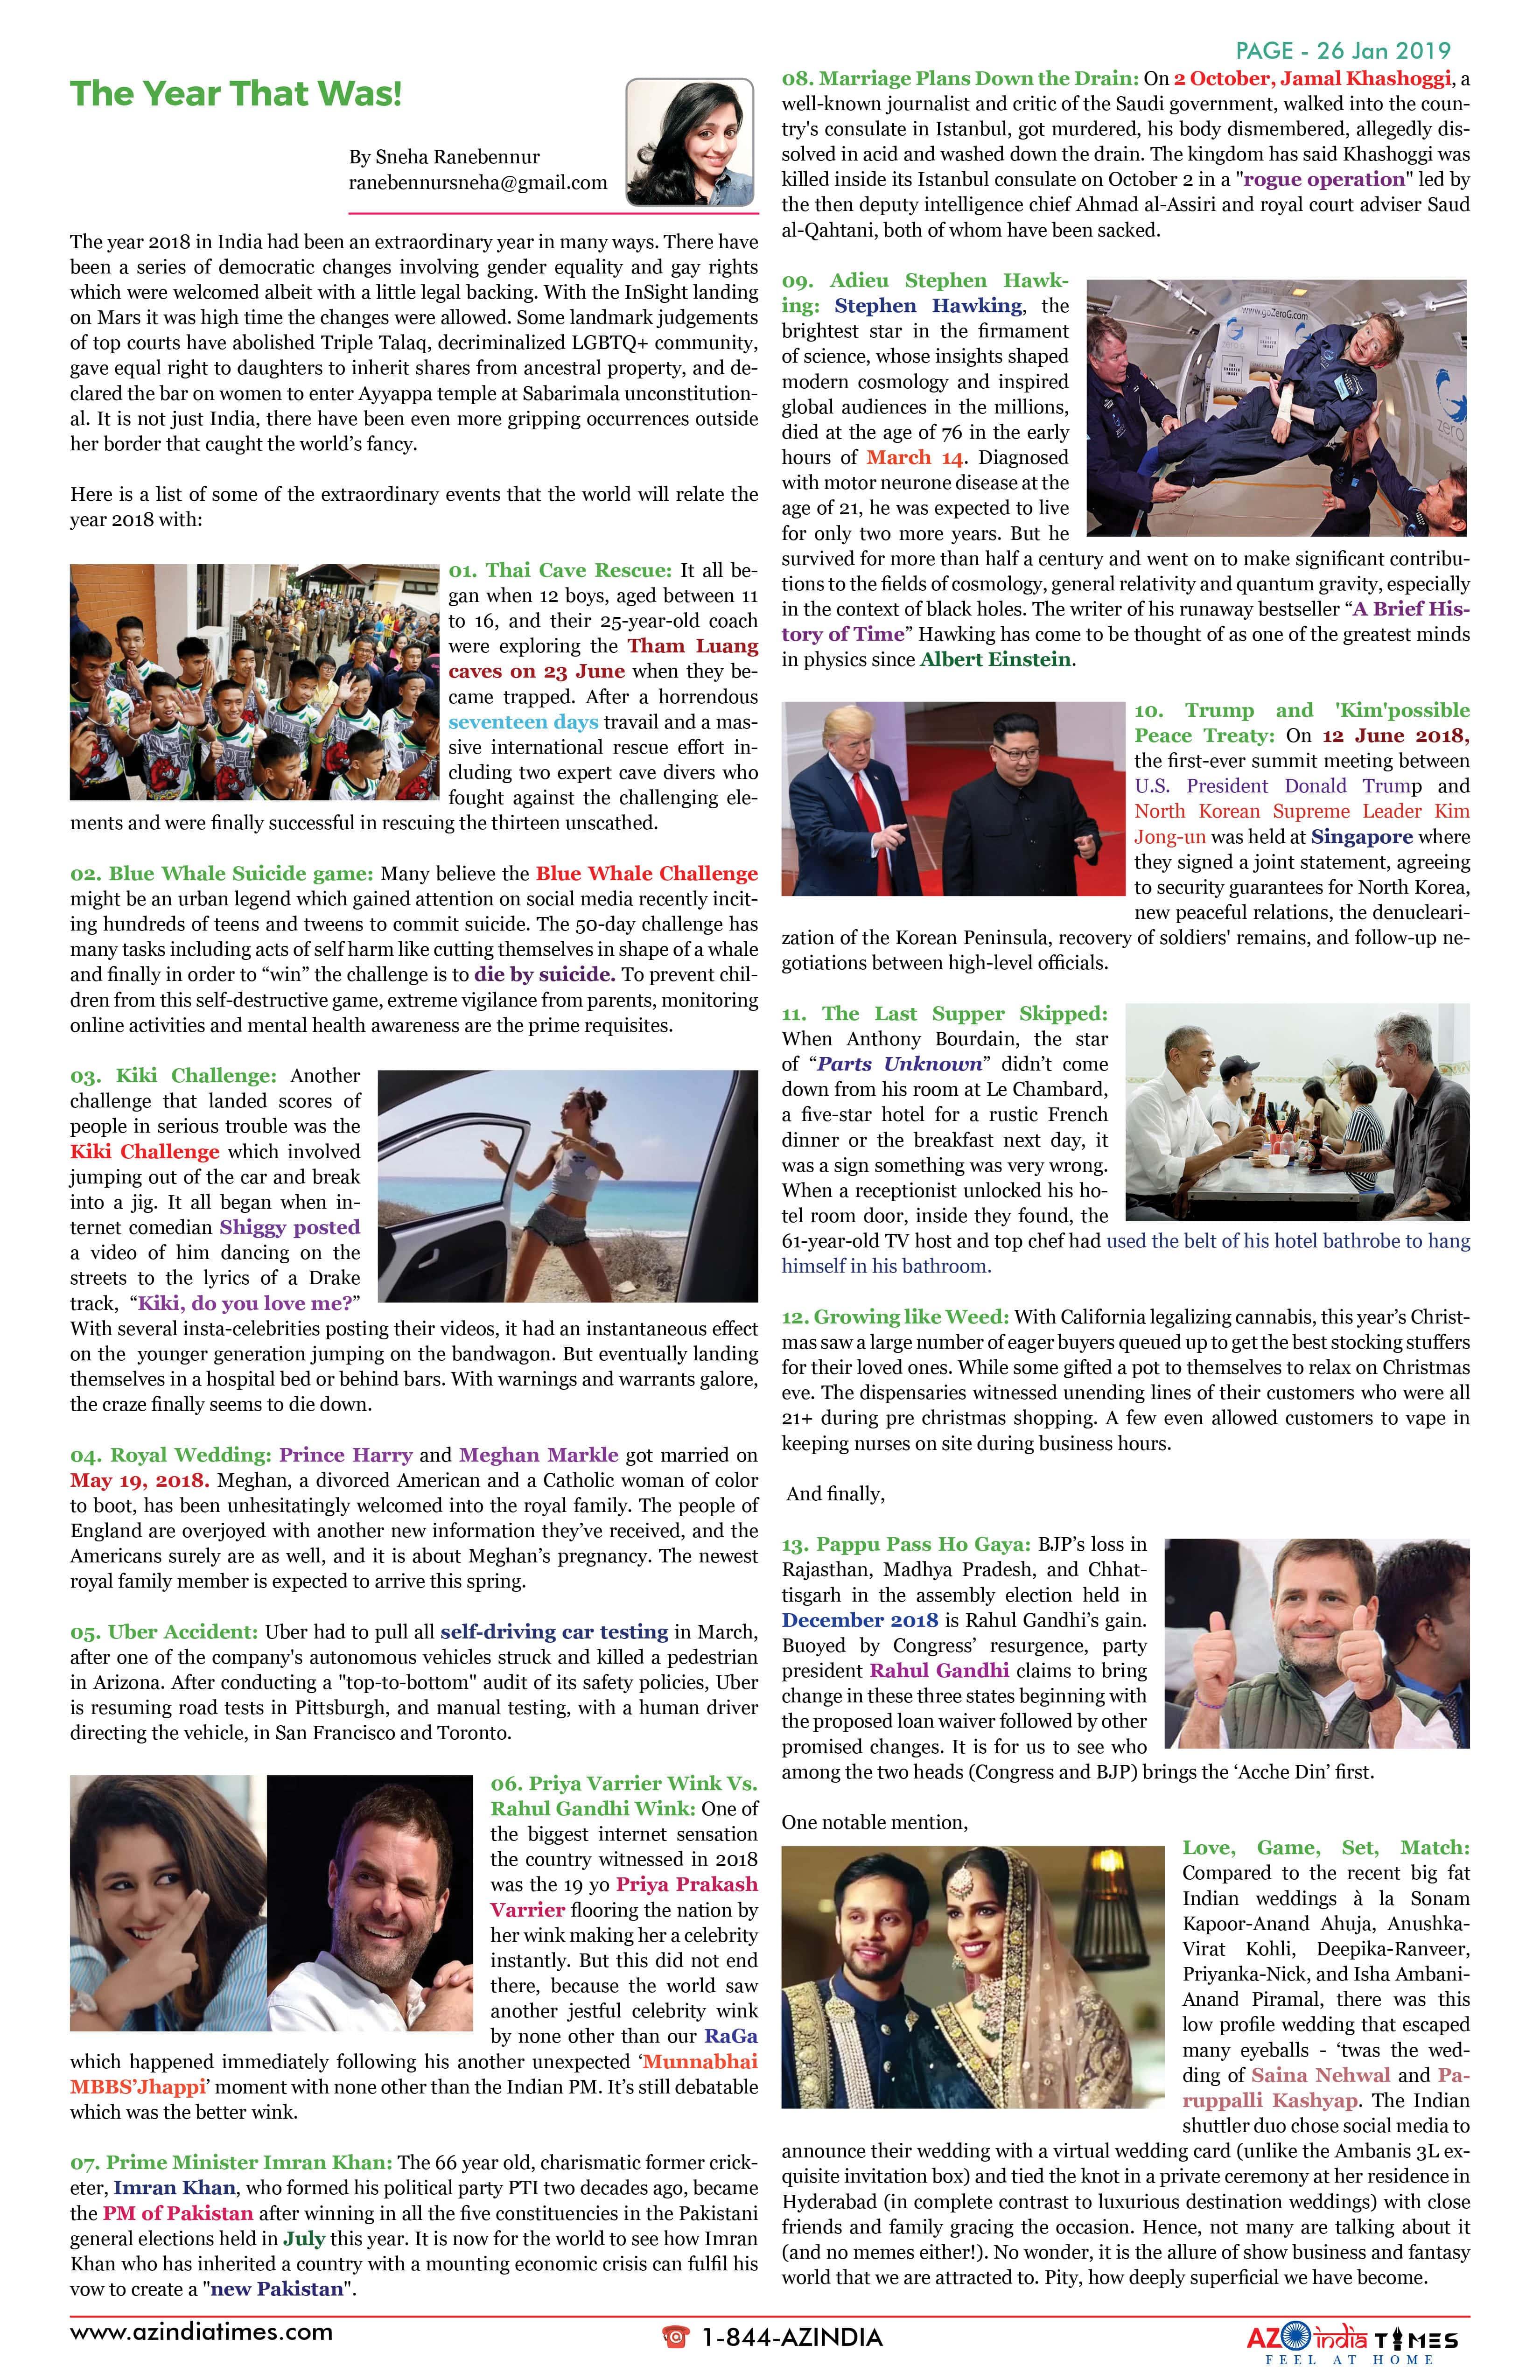 AZ INDIA JANUARY 26